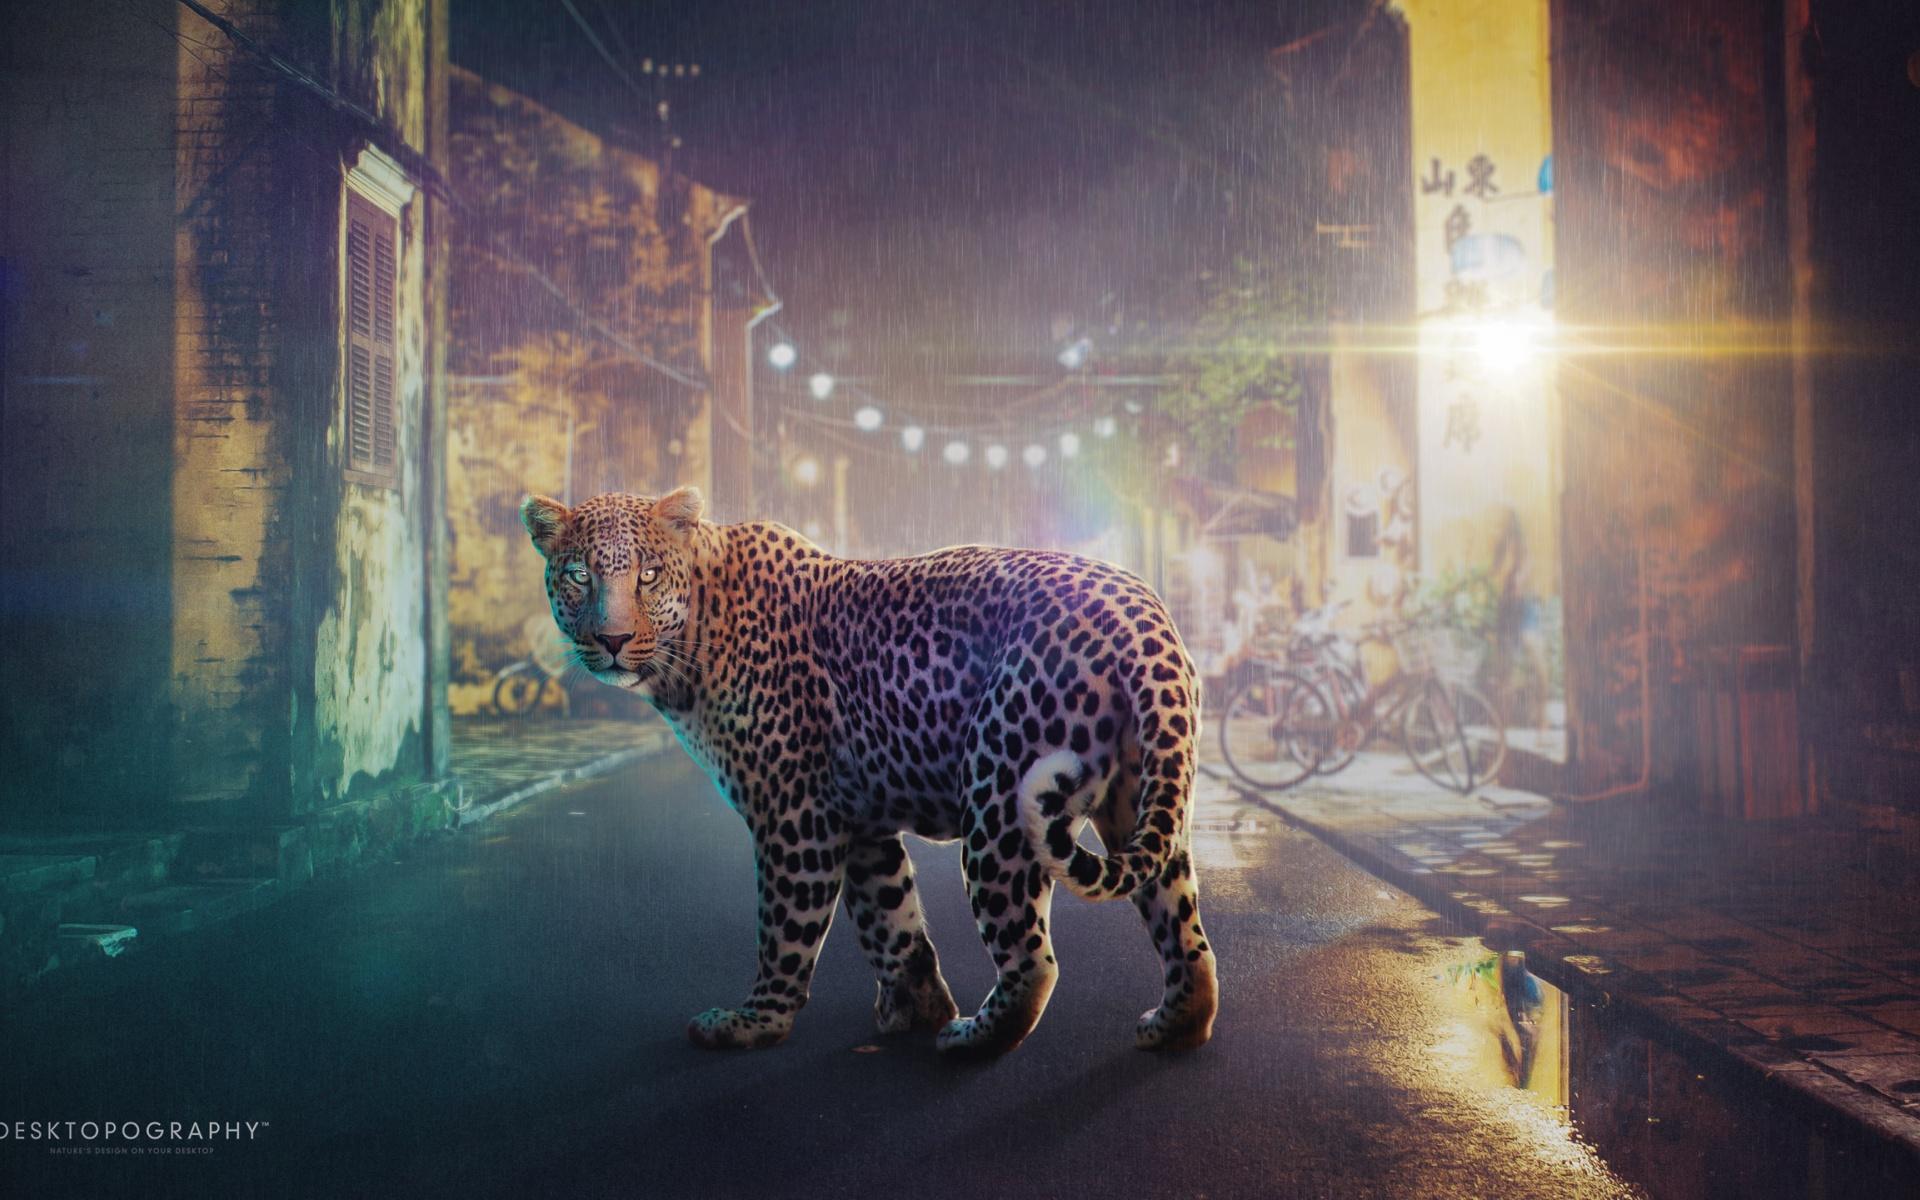 HD Wallpapers Night Leopard